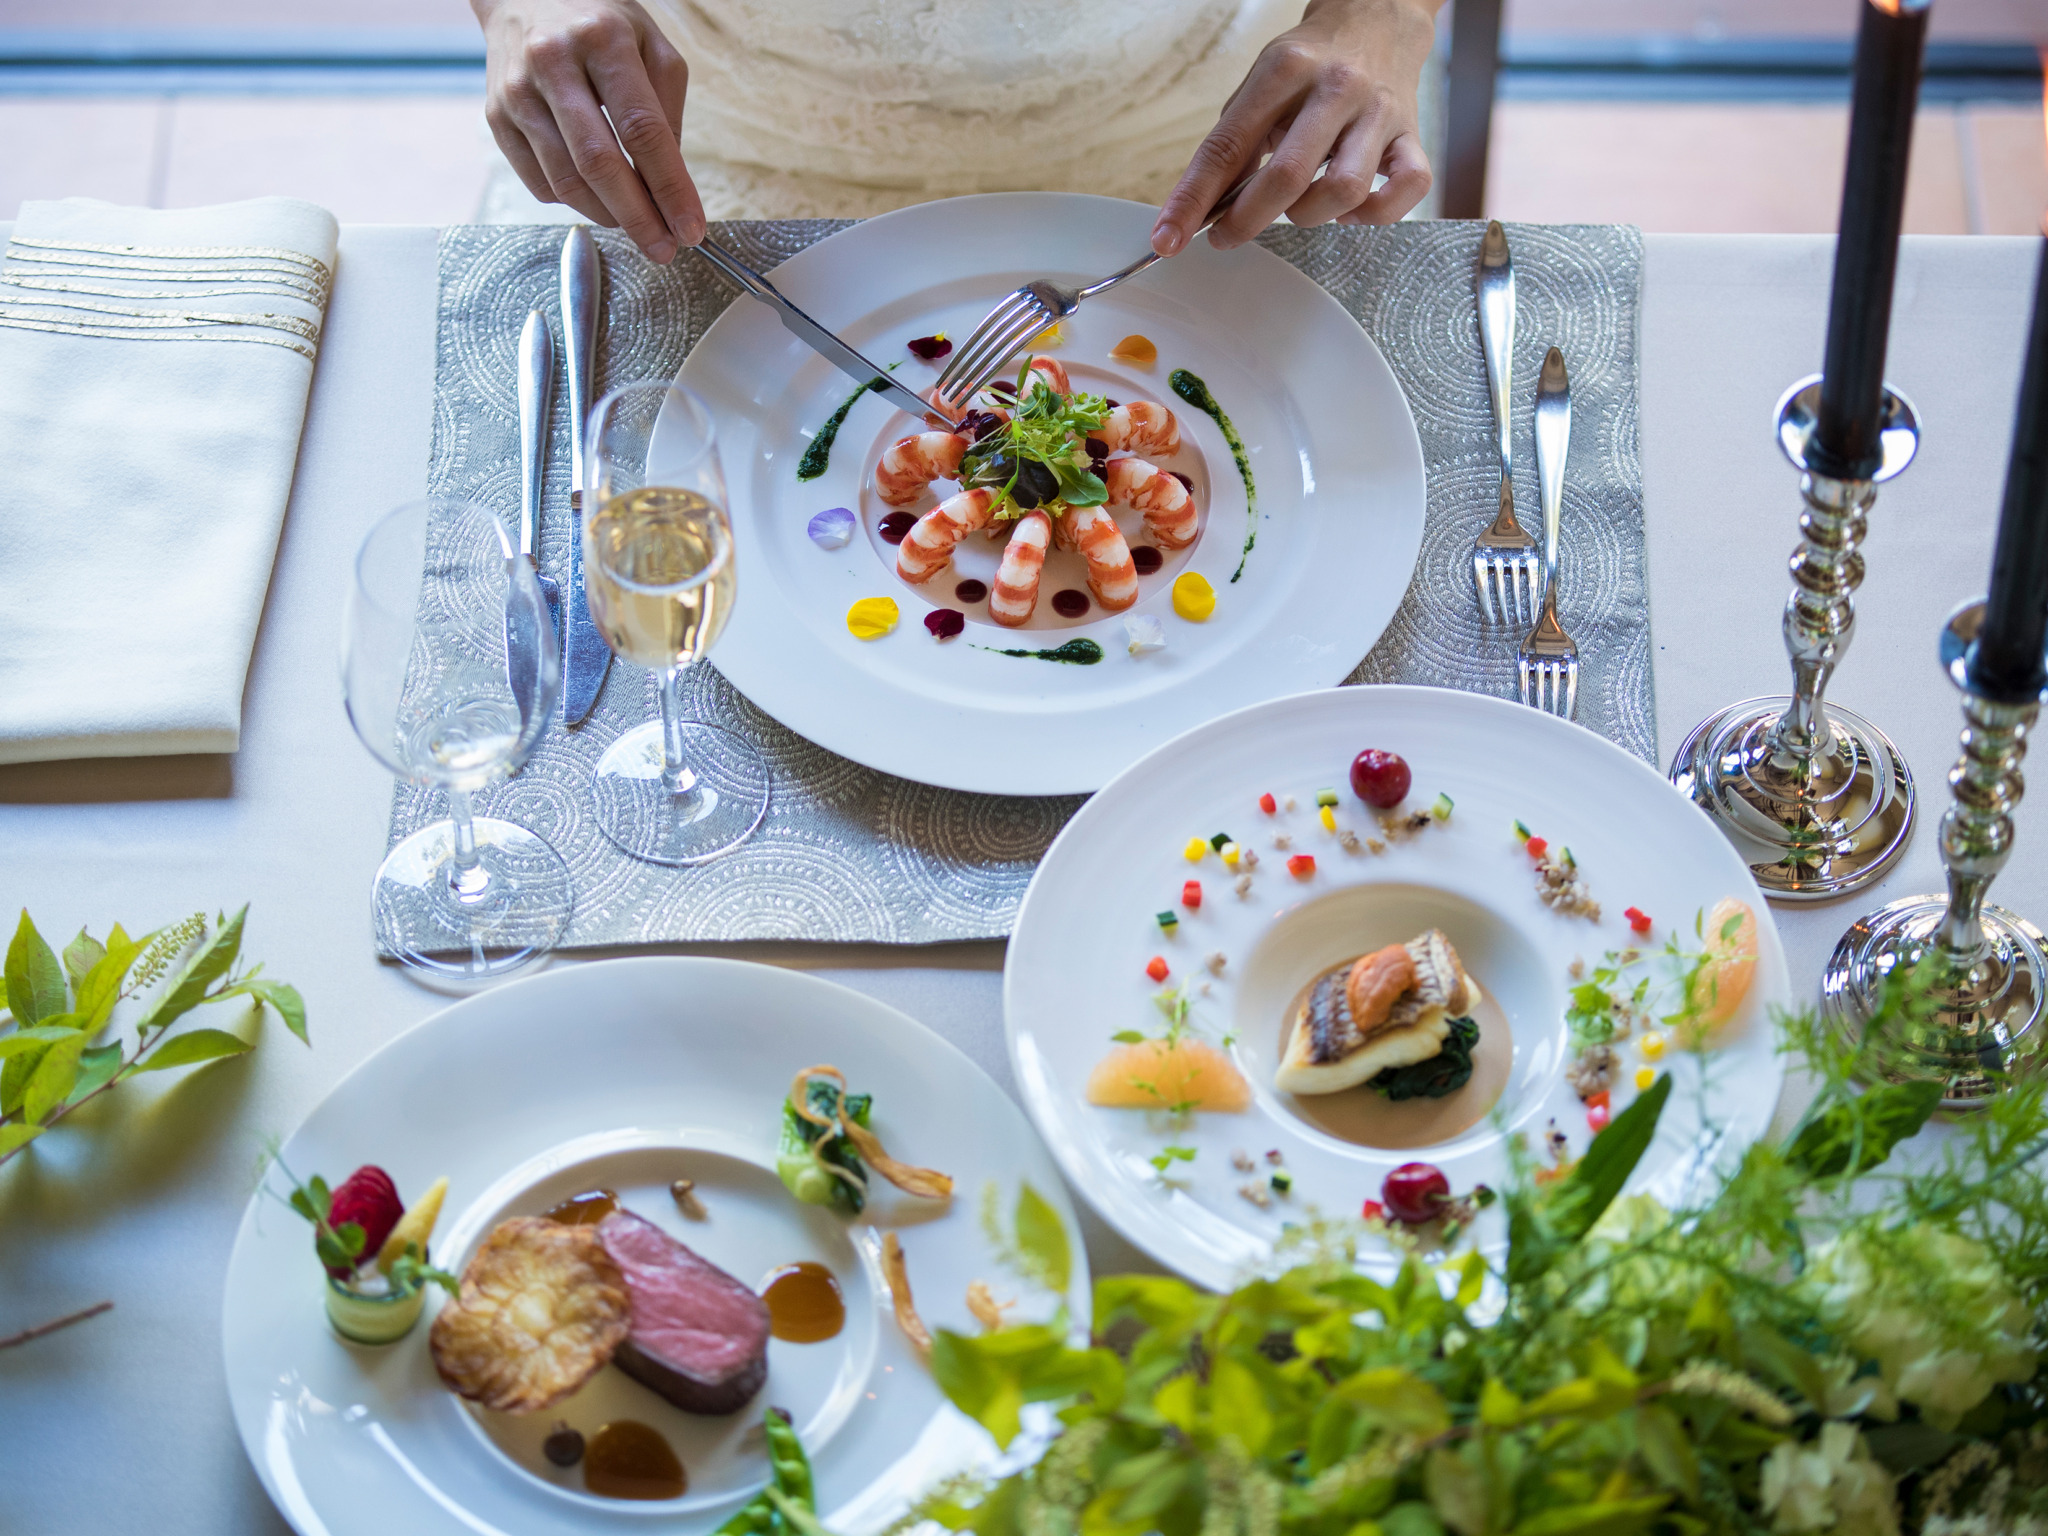 お皿の上も華やかに。五感で楽しむ料理が おふたりのハレの日を一段と鮮やかにしてくれる